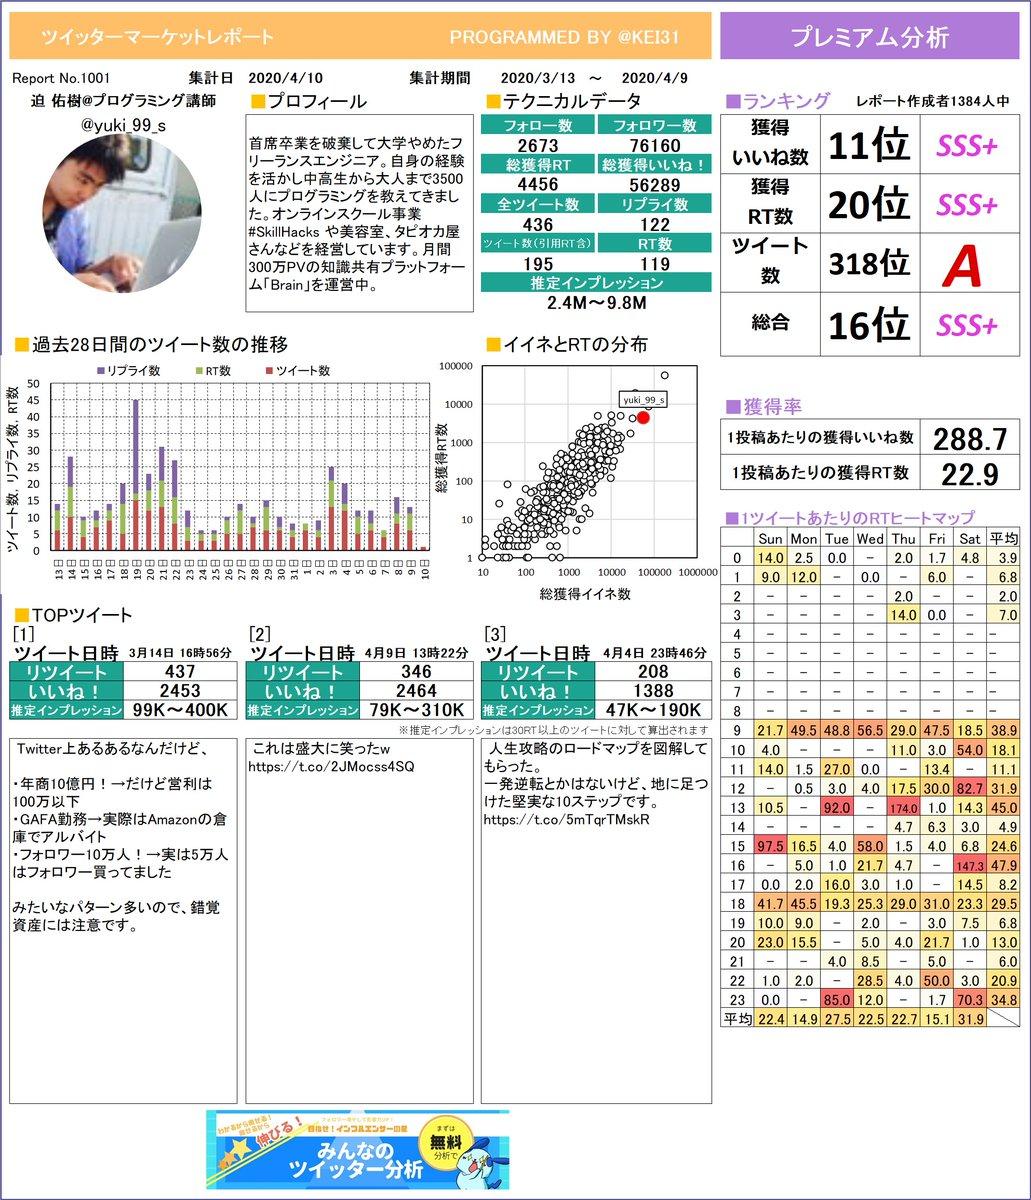 @yuki_99_s 迫 佑樹プログラミング講師さんのレポートを作成しました。たくさんイイネを獲得できましたか?今月も頑張りましょう!プレミアム版もあるよ≫